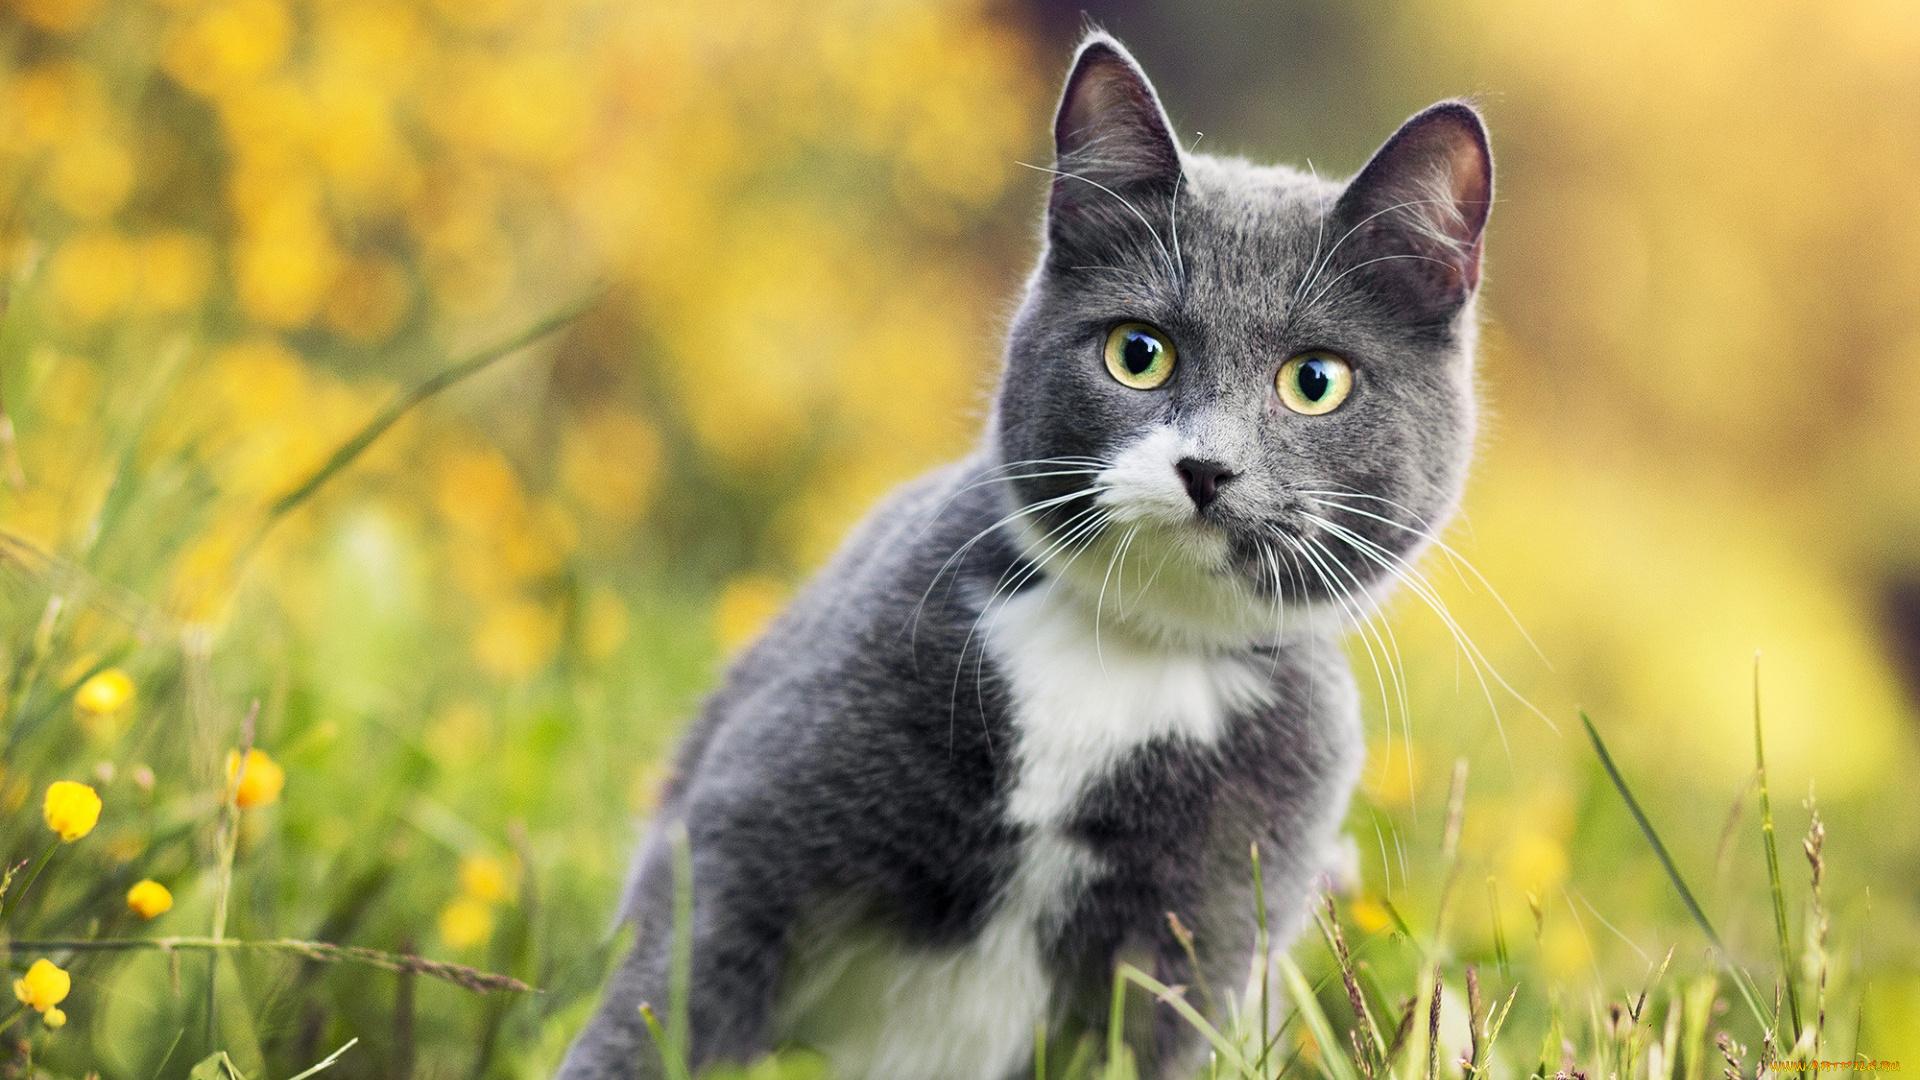 природа животные кот серый язык без смс